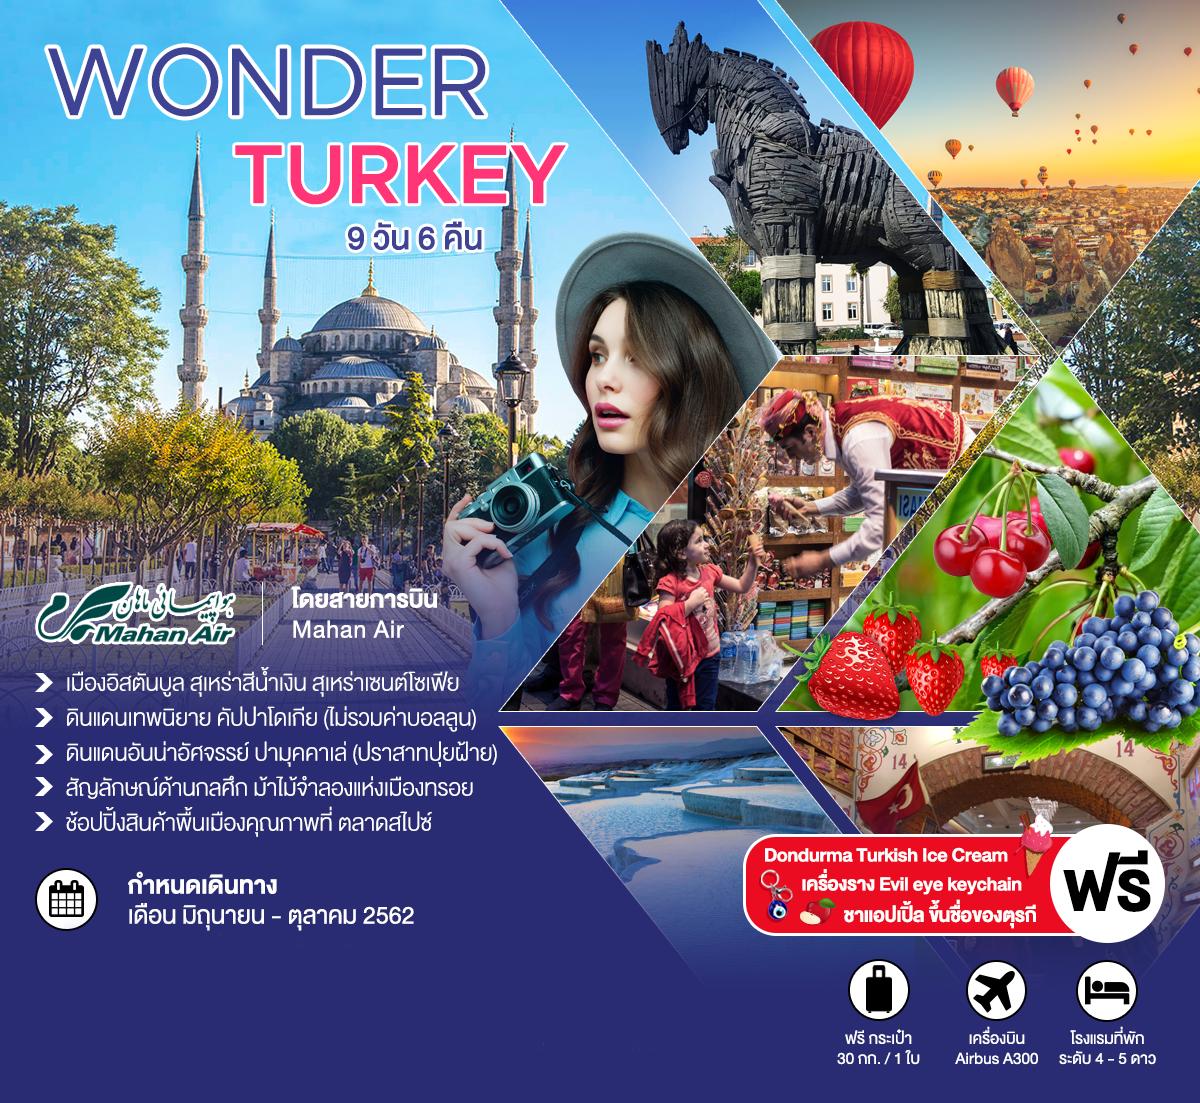 ทัวร์ตุรกี Wonder Turkey 9 วัน 6 คืน